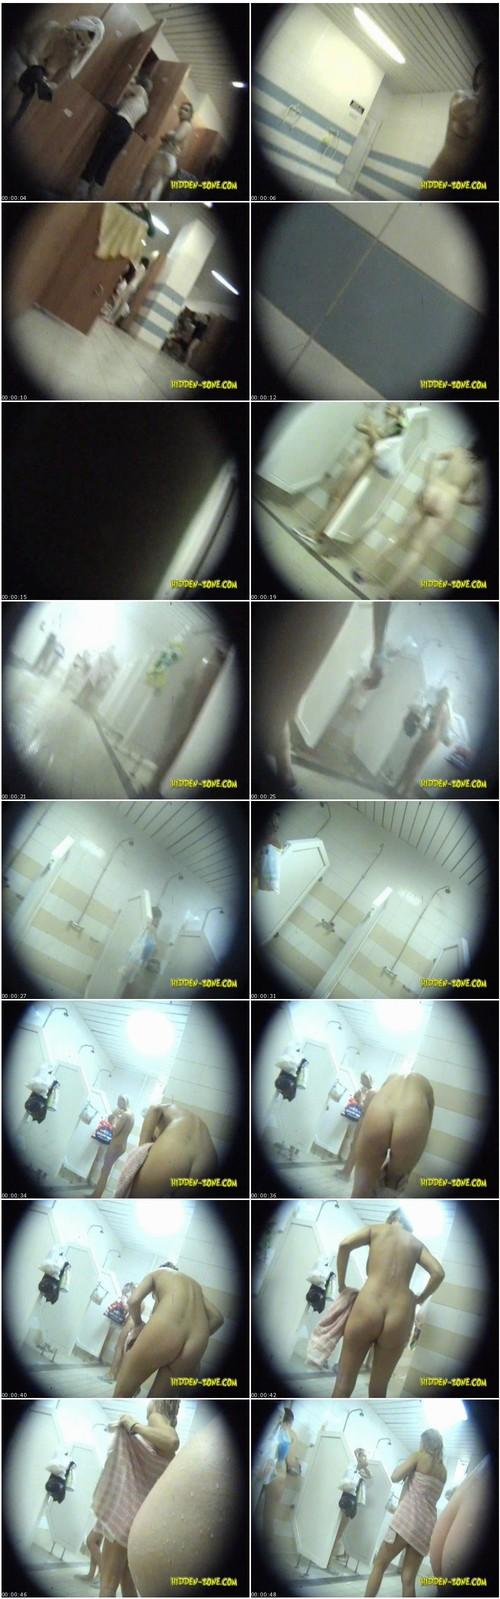 http://ist5-1.filesor.com/pimpandhost.com/9/6/8/3/96838/6/e/v/U/6evUO/Hidden-zoneShower%20Room266_thumb_m.jpg